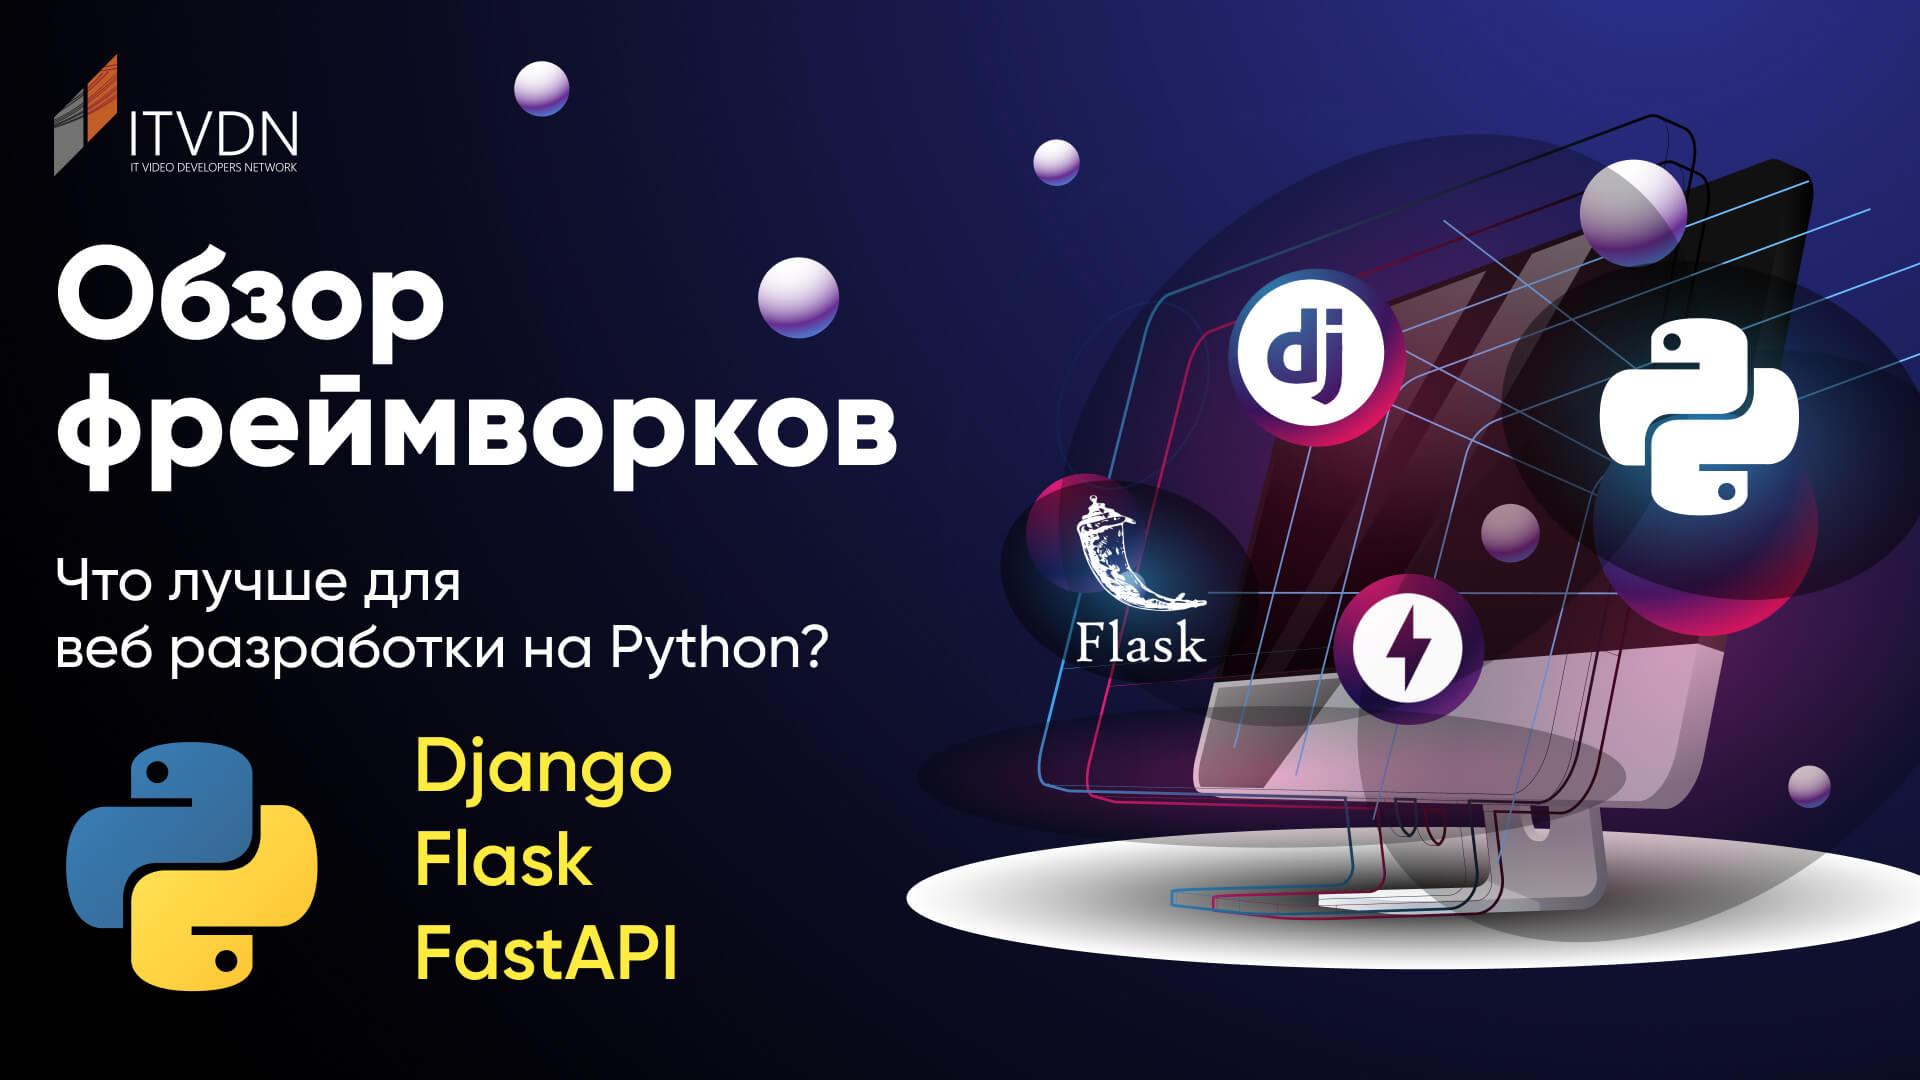 Обзор фреймворков Django, Flask, FastAPI. Что лучше для веб разработки на Python?